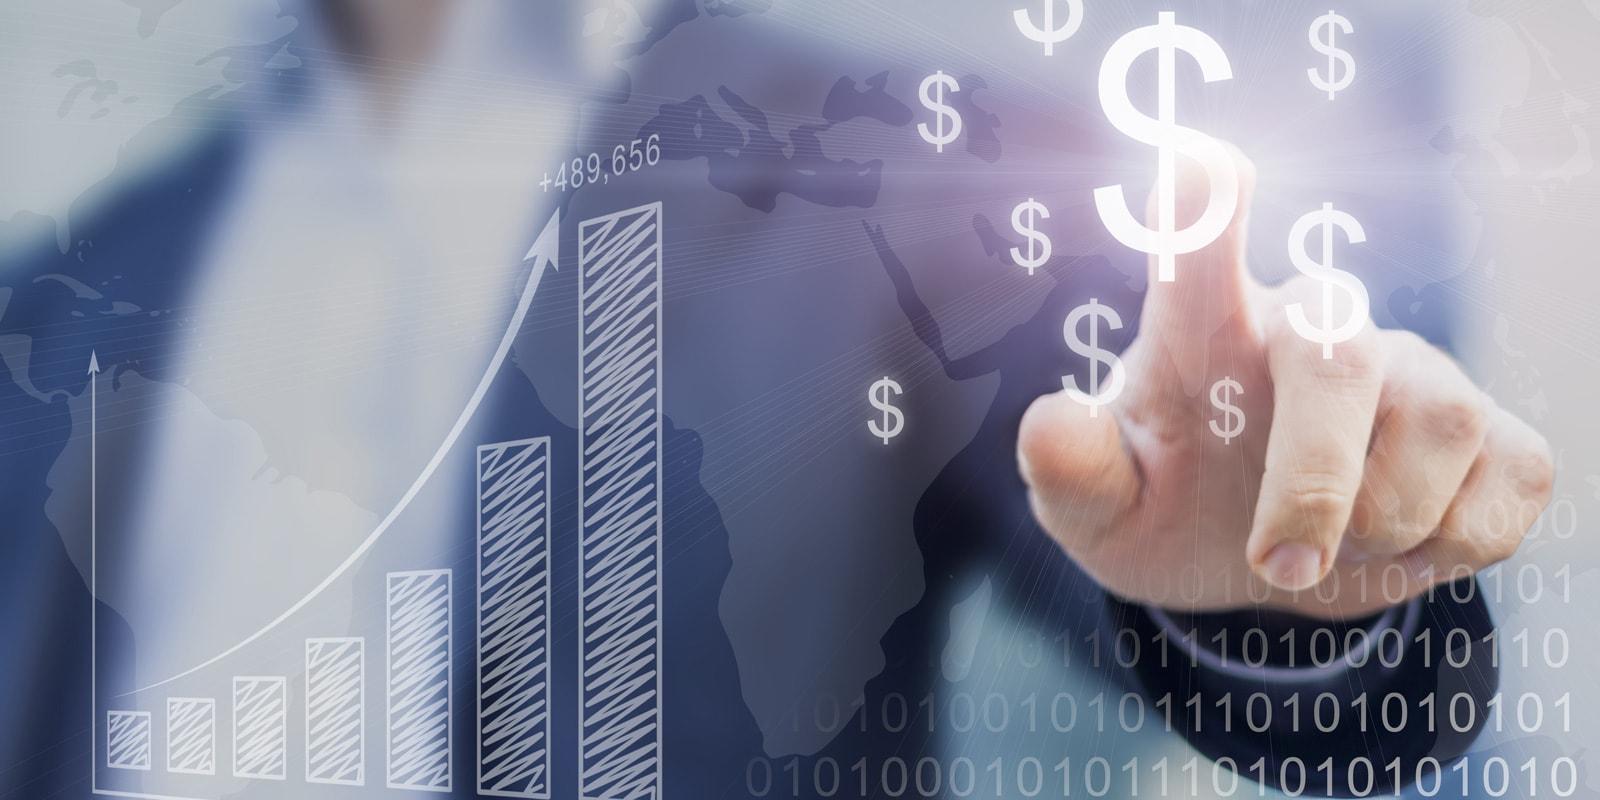 Optimal biznes kreditləri